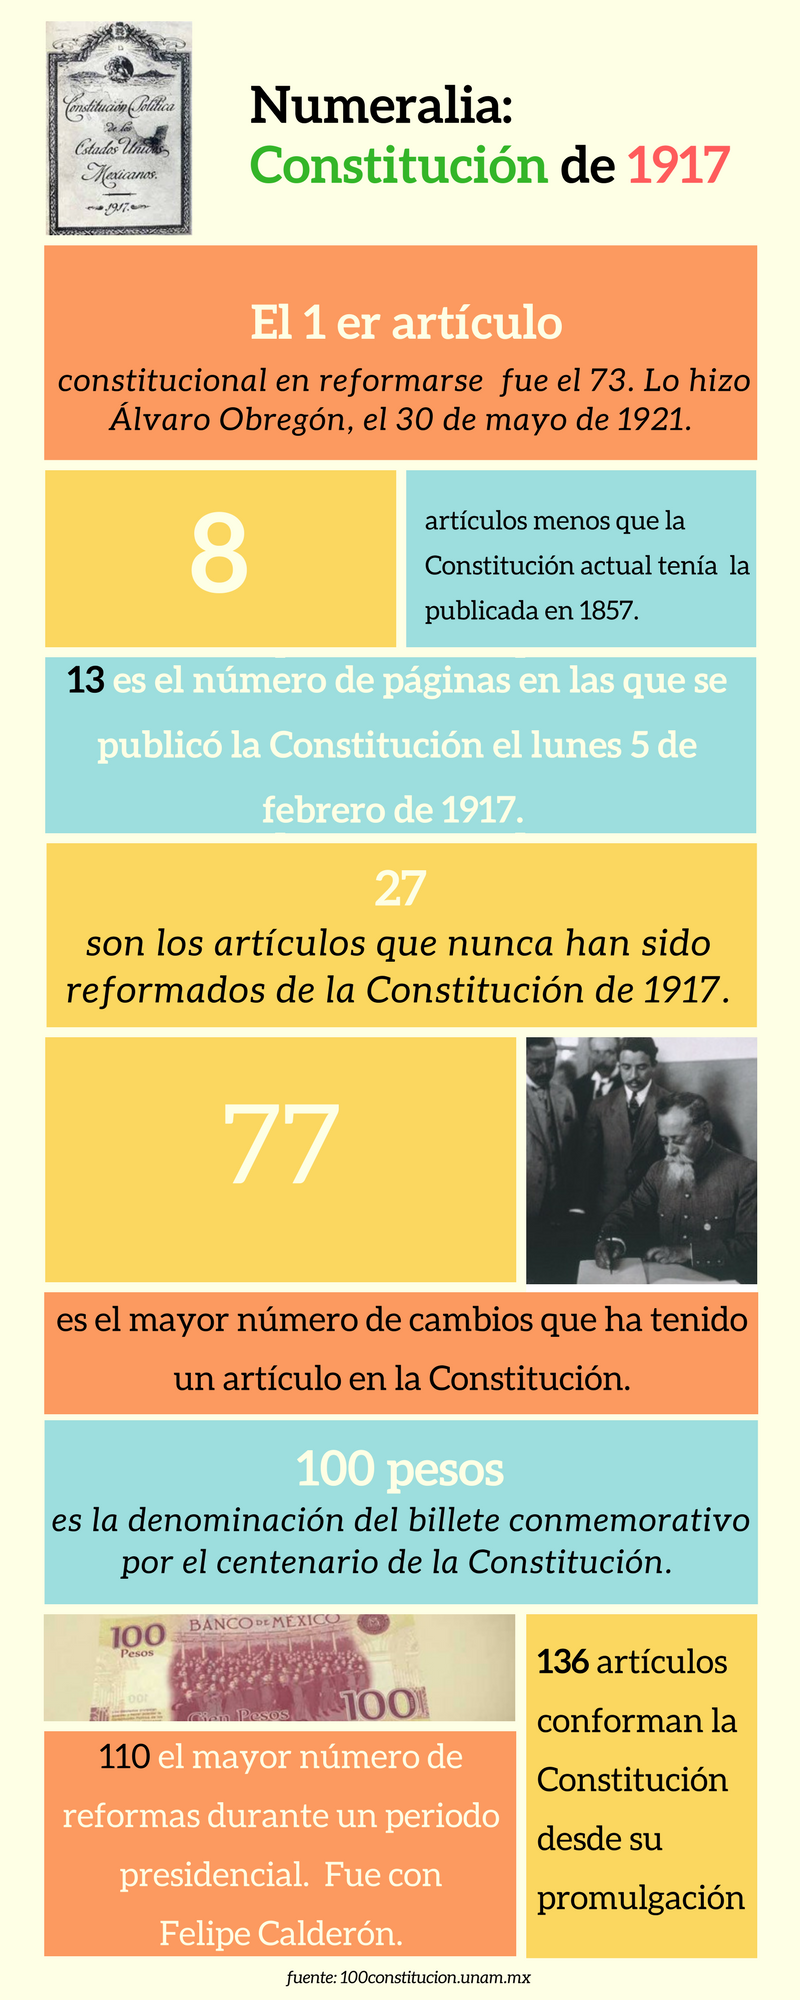 numeralia-constitucion-de-1917